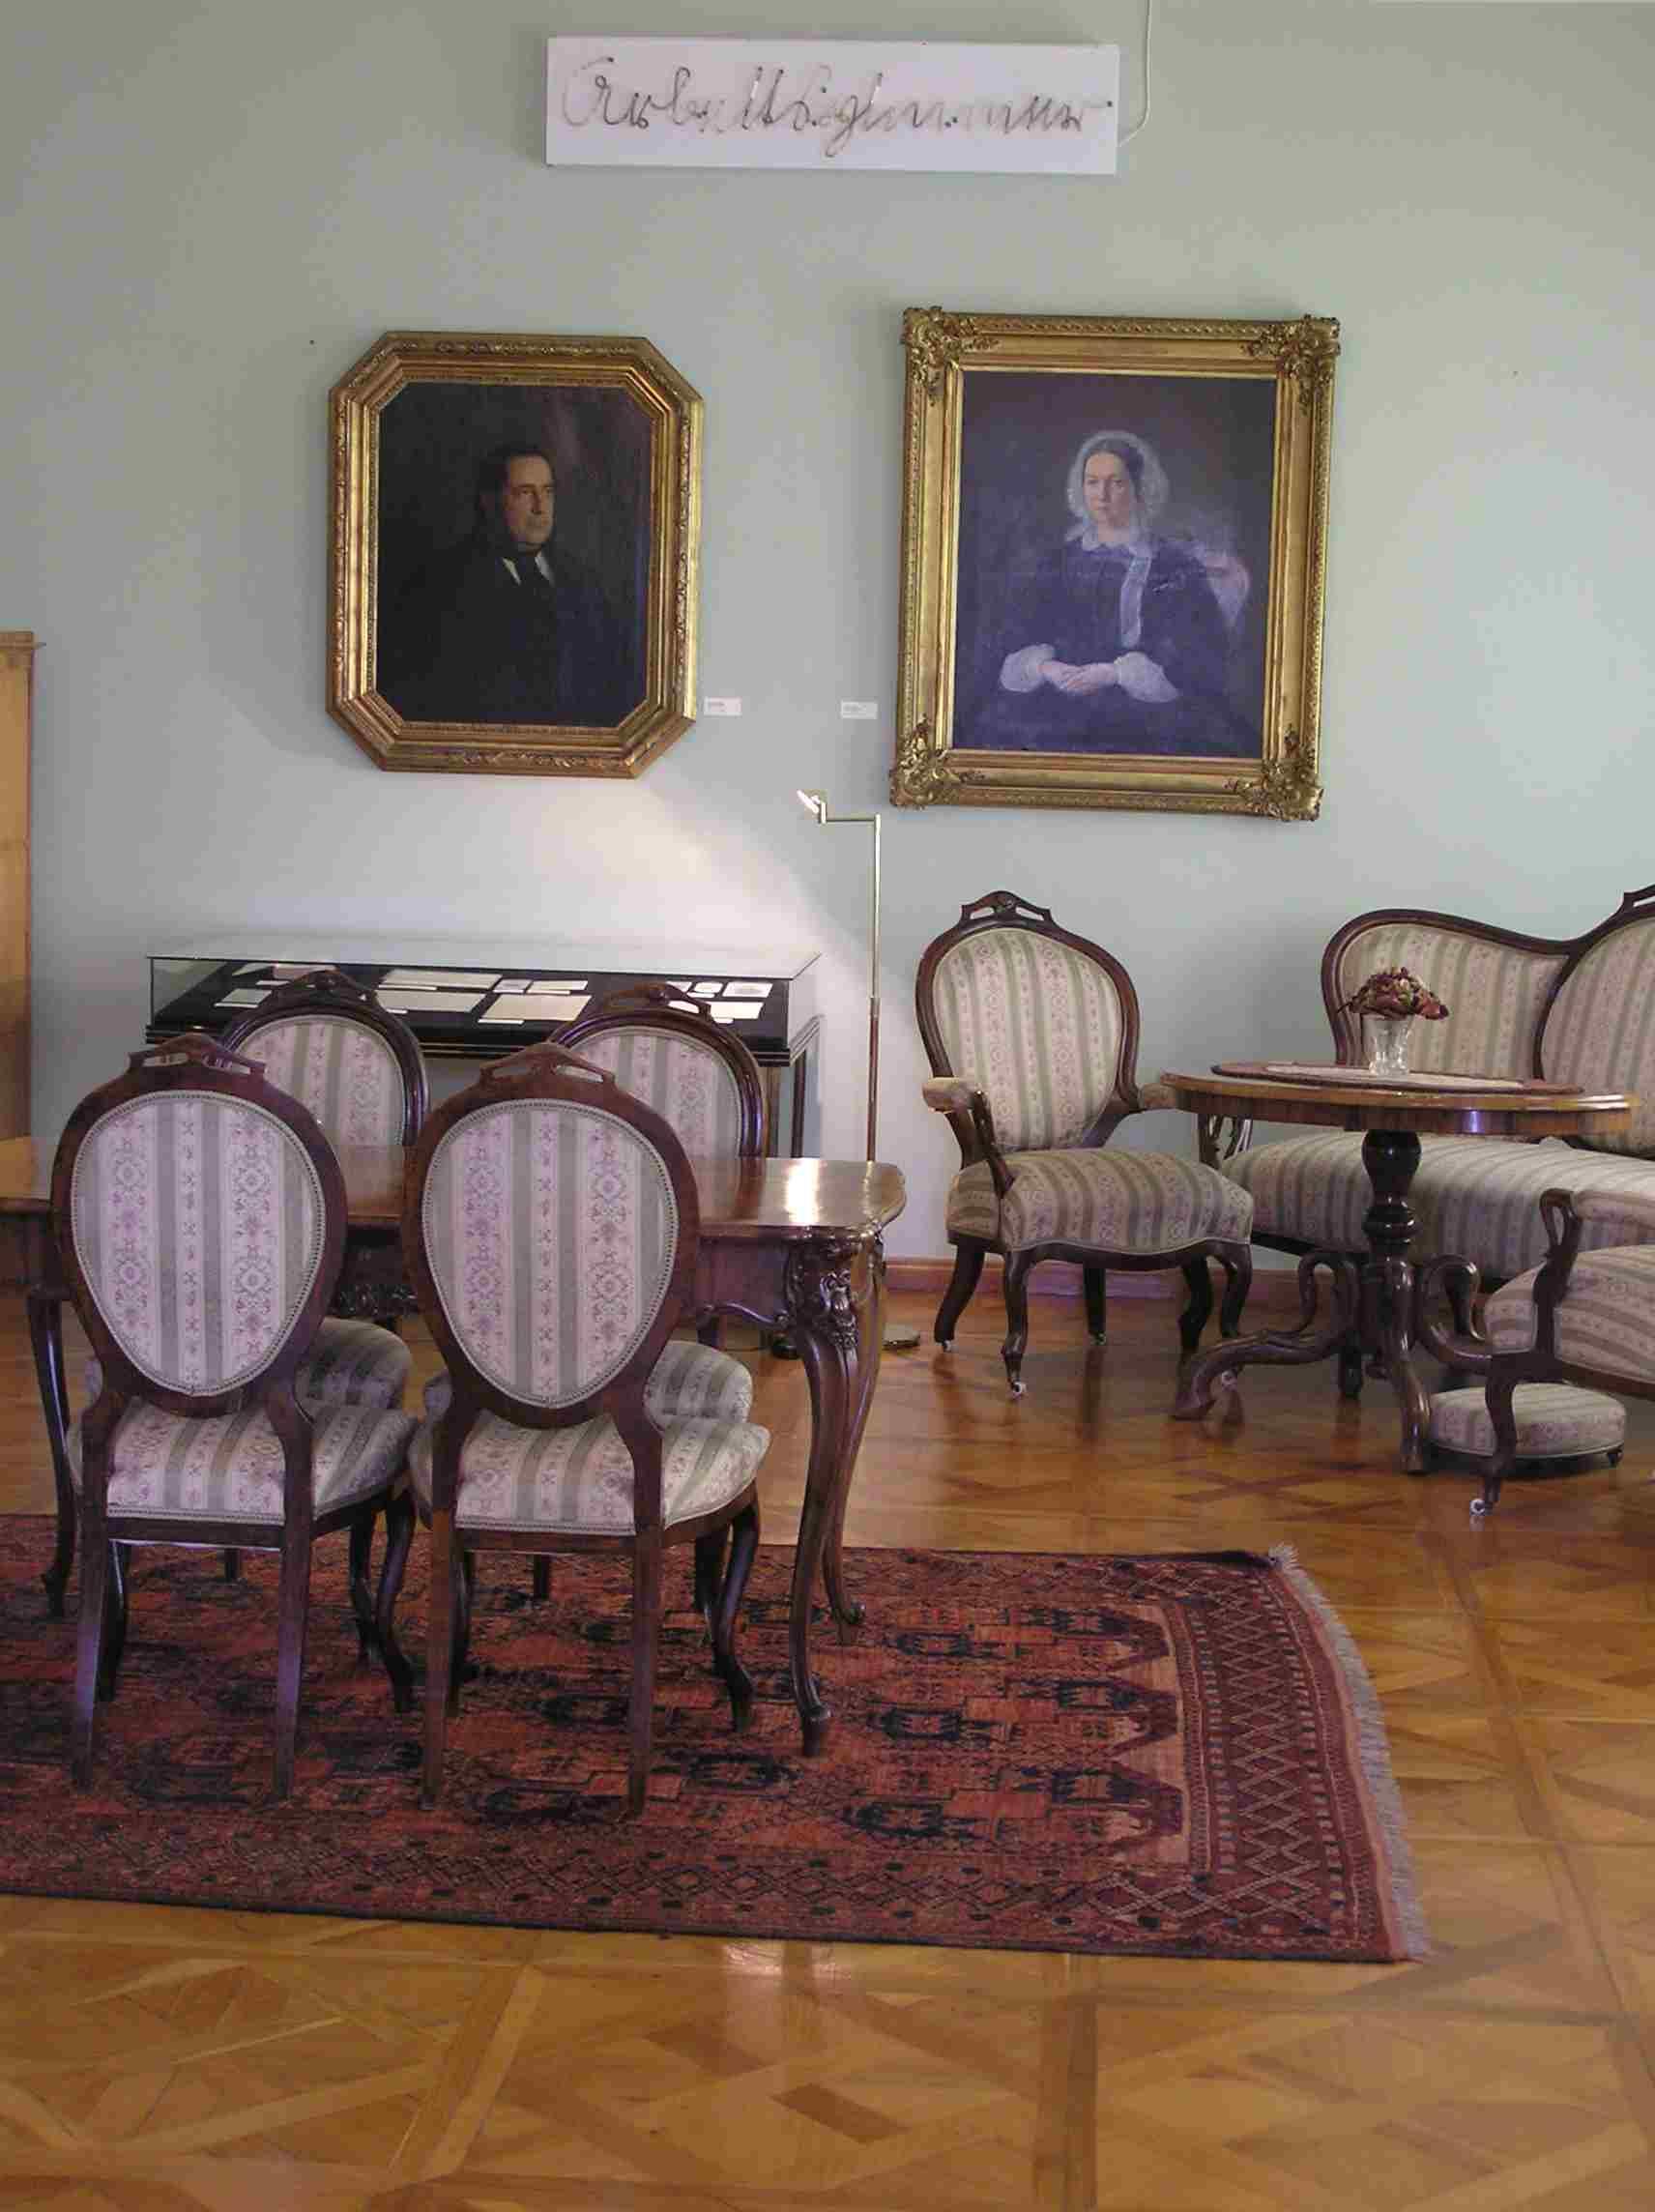 Obr. 13: Ve Stifterově místnosti ve Stifterově domě na Stifterově náměstí je k vidění také portrét Stiftera i jeho ženy i jeho posmrtná maska od nám známého J. Rinta.